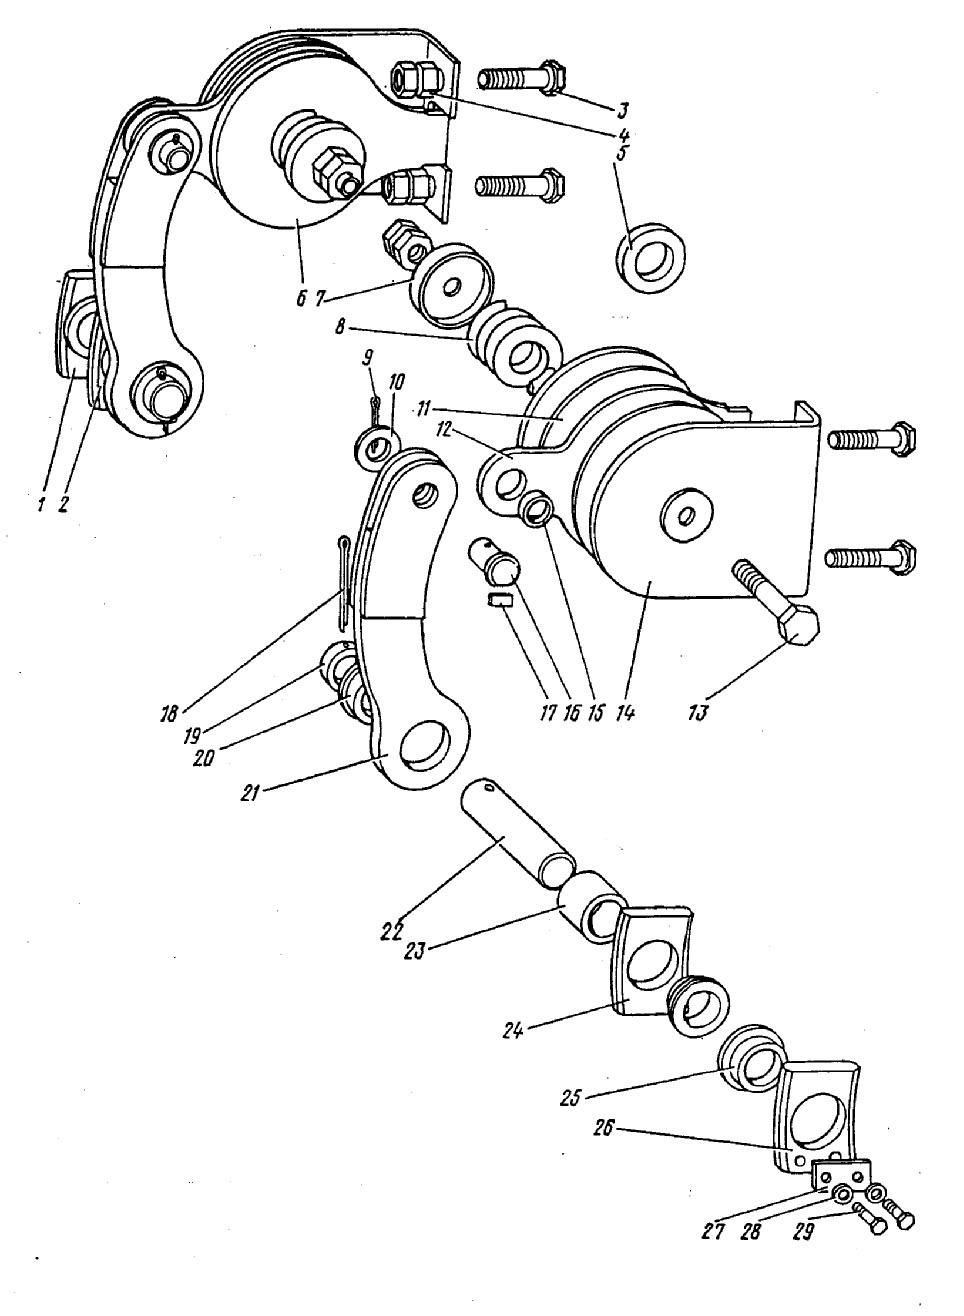 ЭКГ-5a производство запчаcтей: Механизм торможения днища ковша